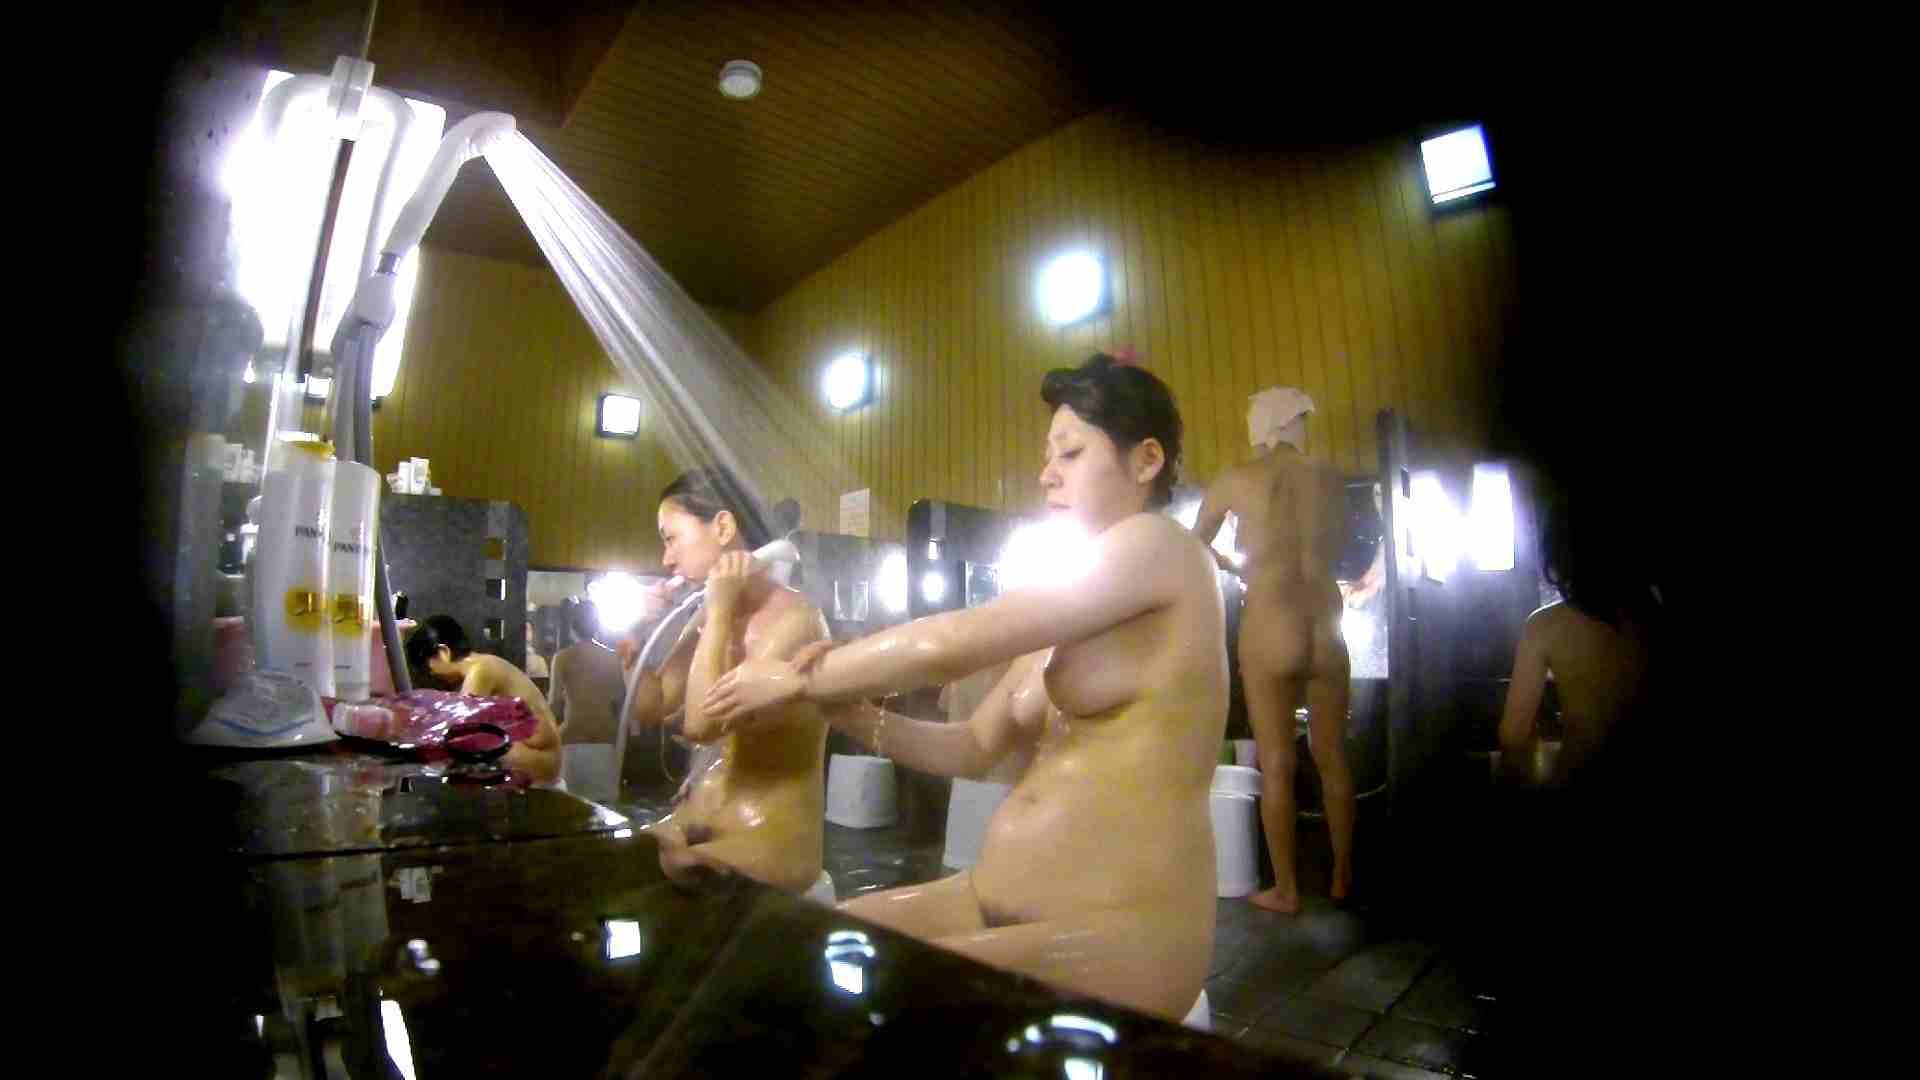 洗い場!柔らかそうな身体は良いけど、歯磨きが下品です。 潜入 | 女湯  107画像 57